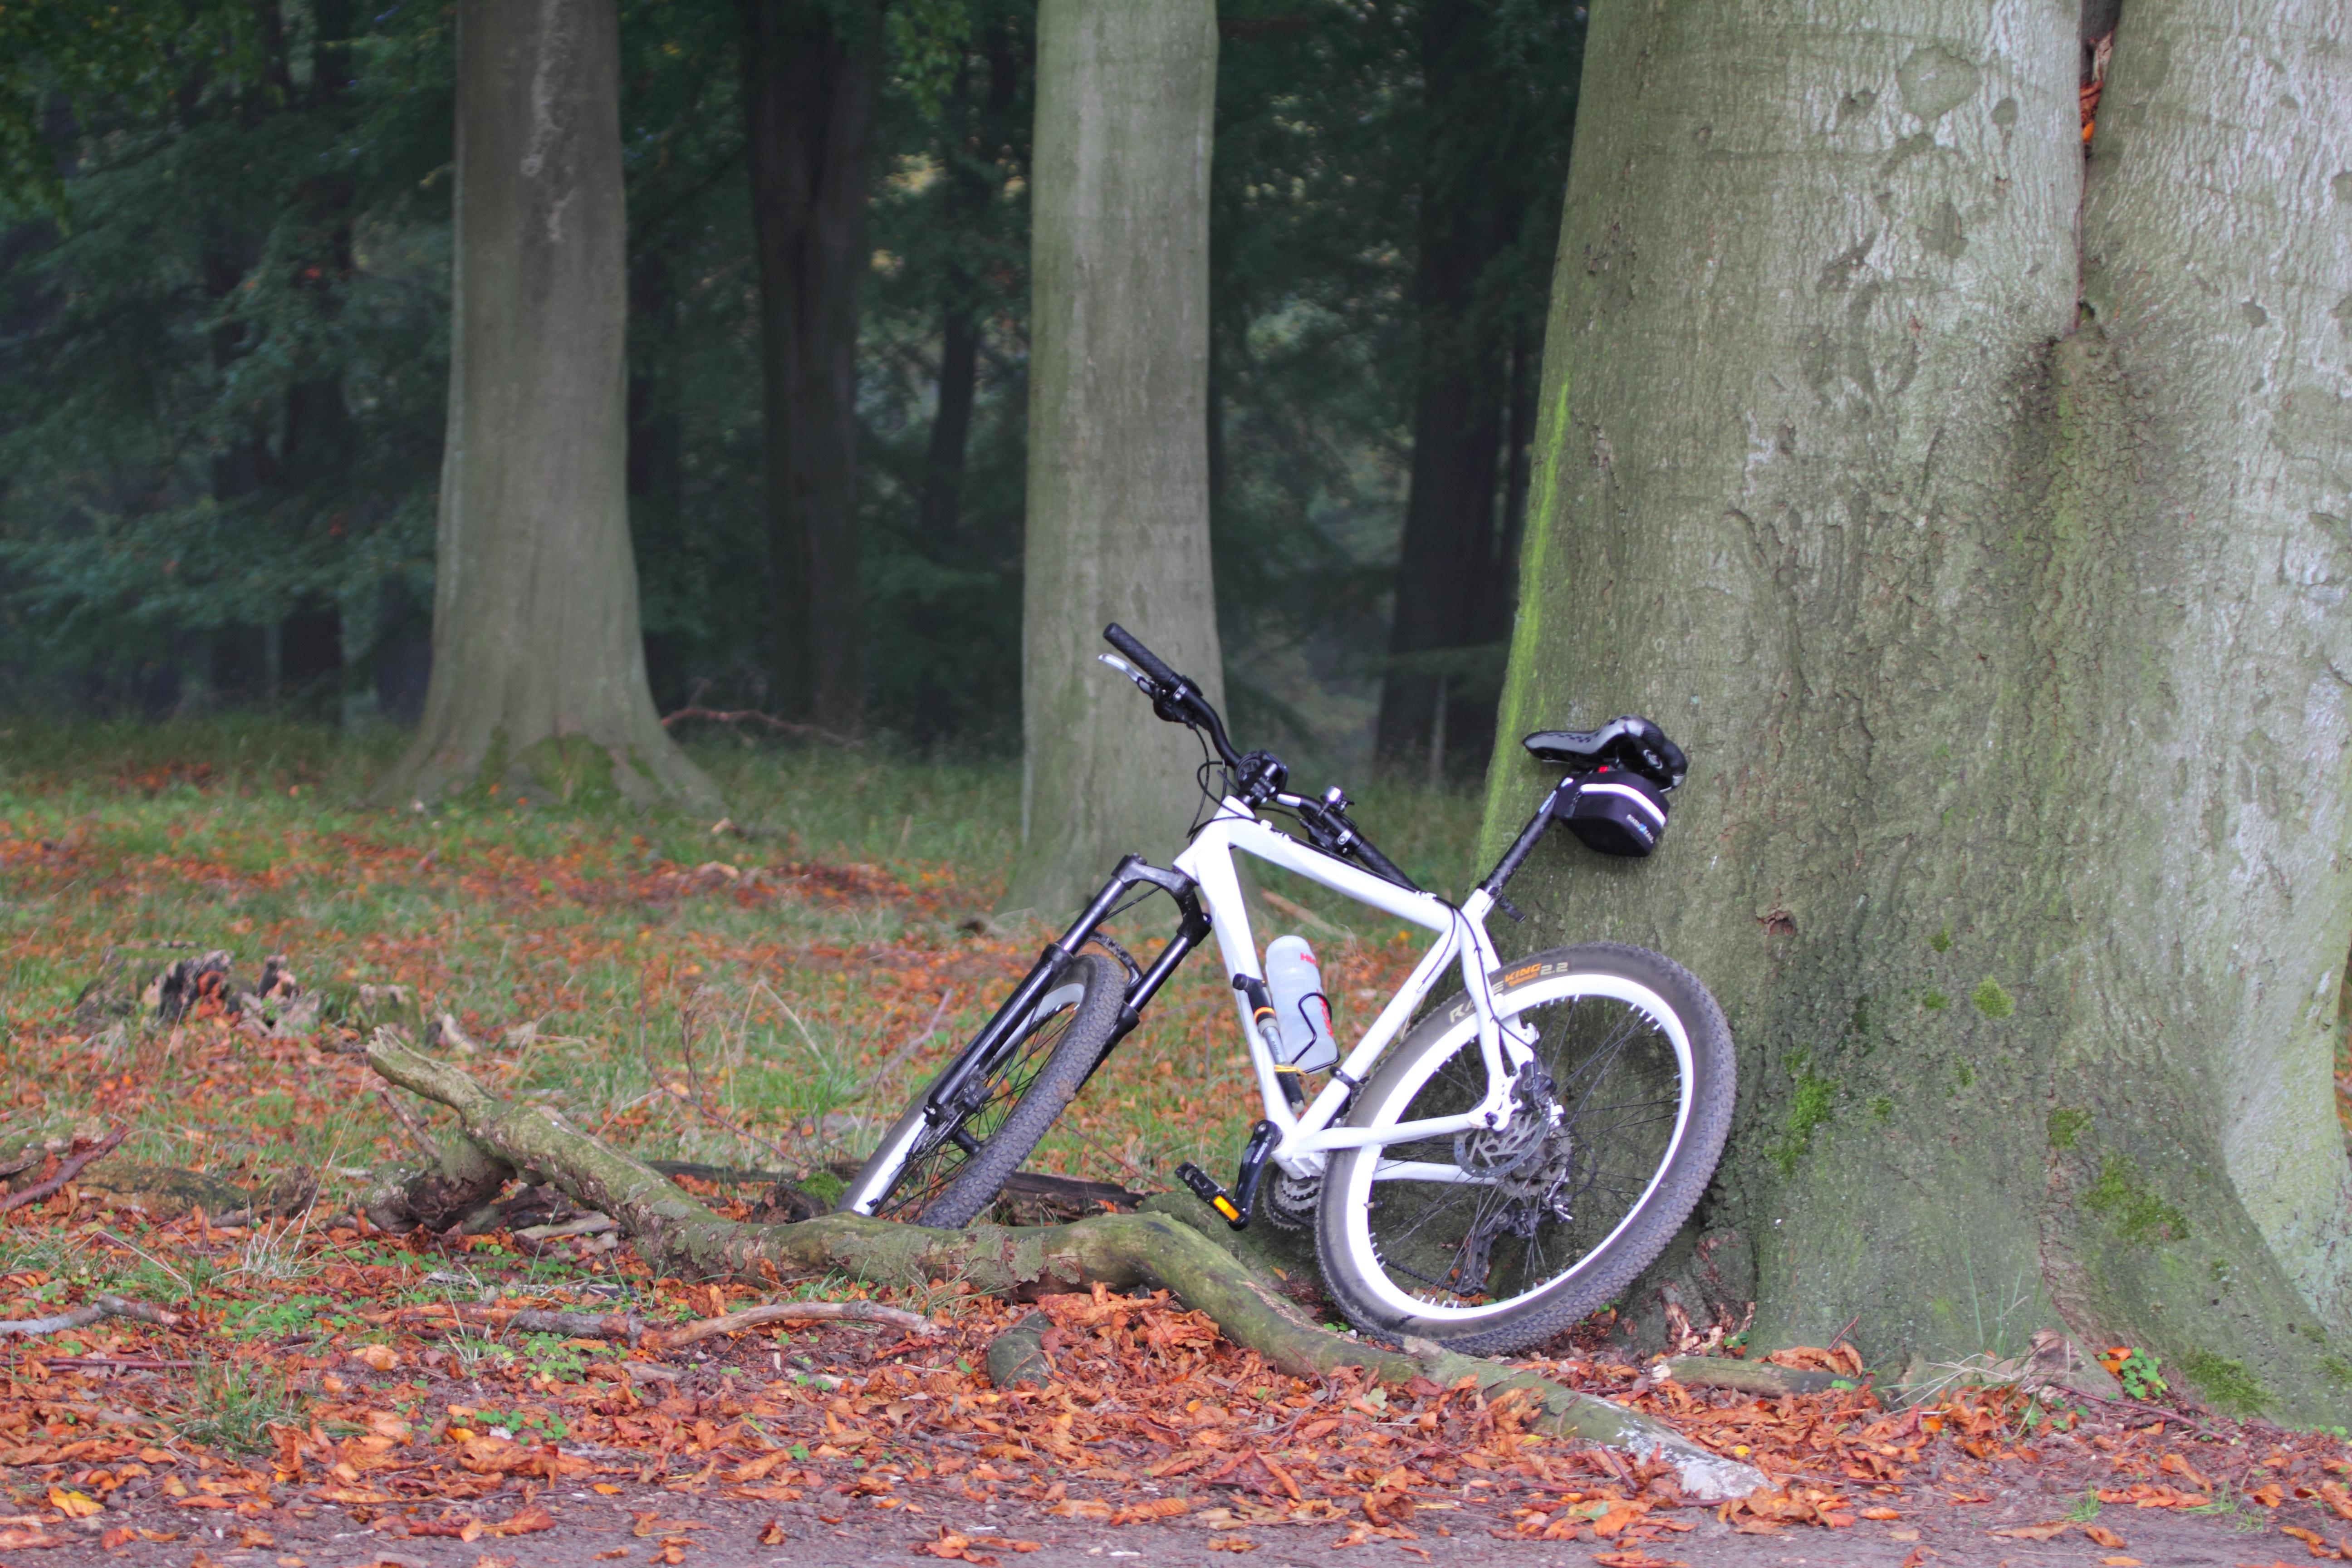 #944F37 Mest effektive Brevkasse: Hvilken Forskel Gør 100 Gram På En Cykel? Lev Nu DR Gør Det Selv El Cykel 5135 518434565135